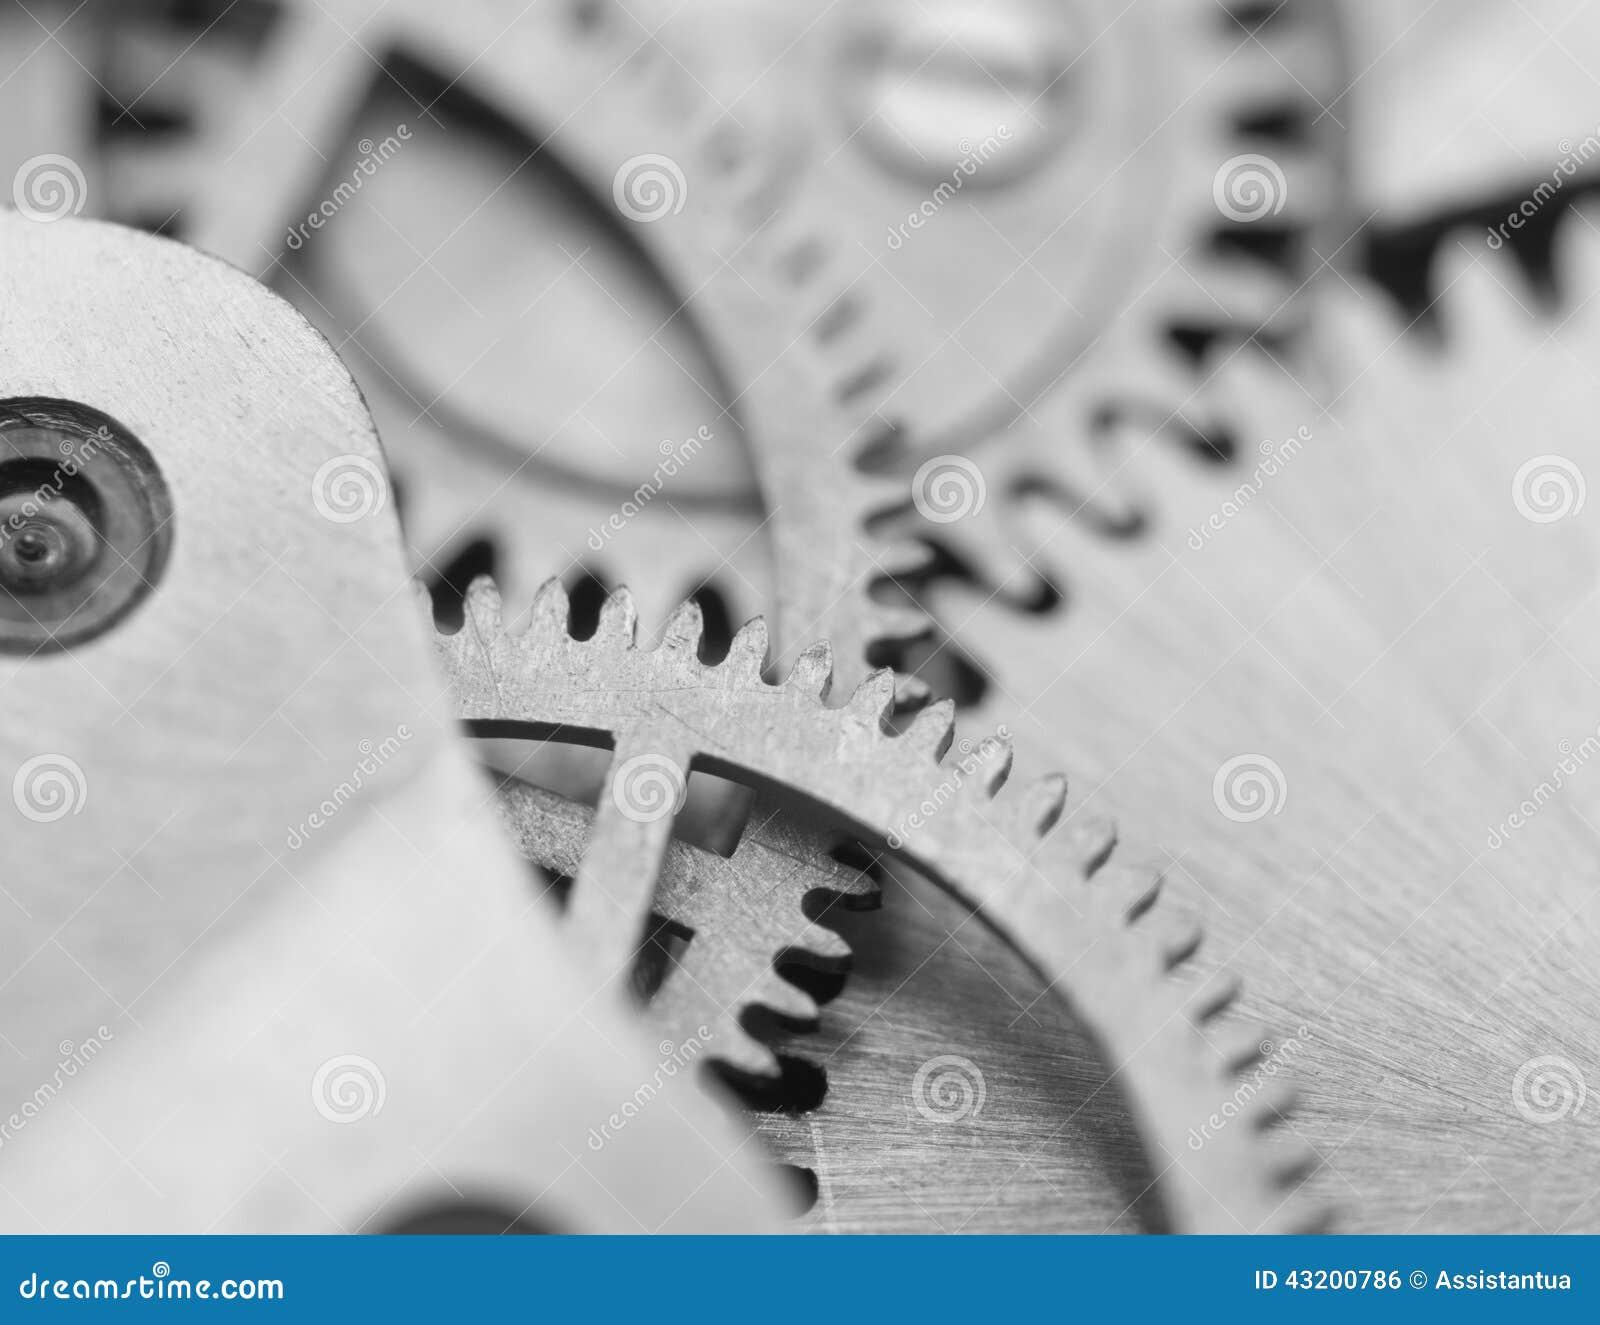 Download Svart Vit Bakgrund Med Metallkugghjulurverk Makro Arkivfoto - Bild av tillverkning, industri: 43200786